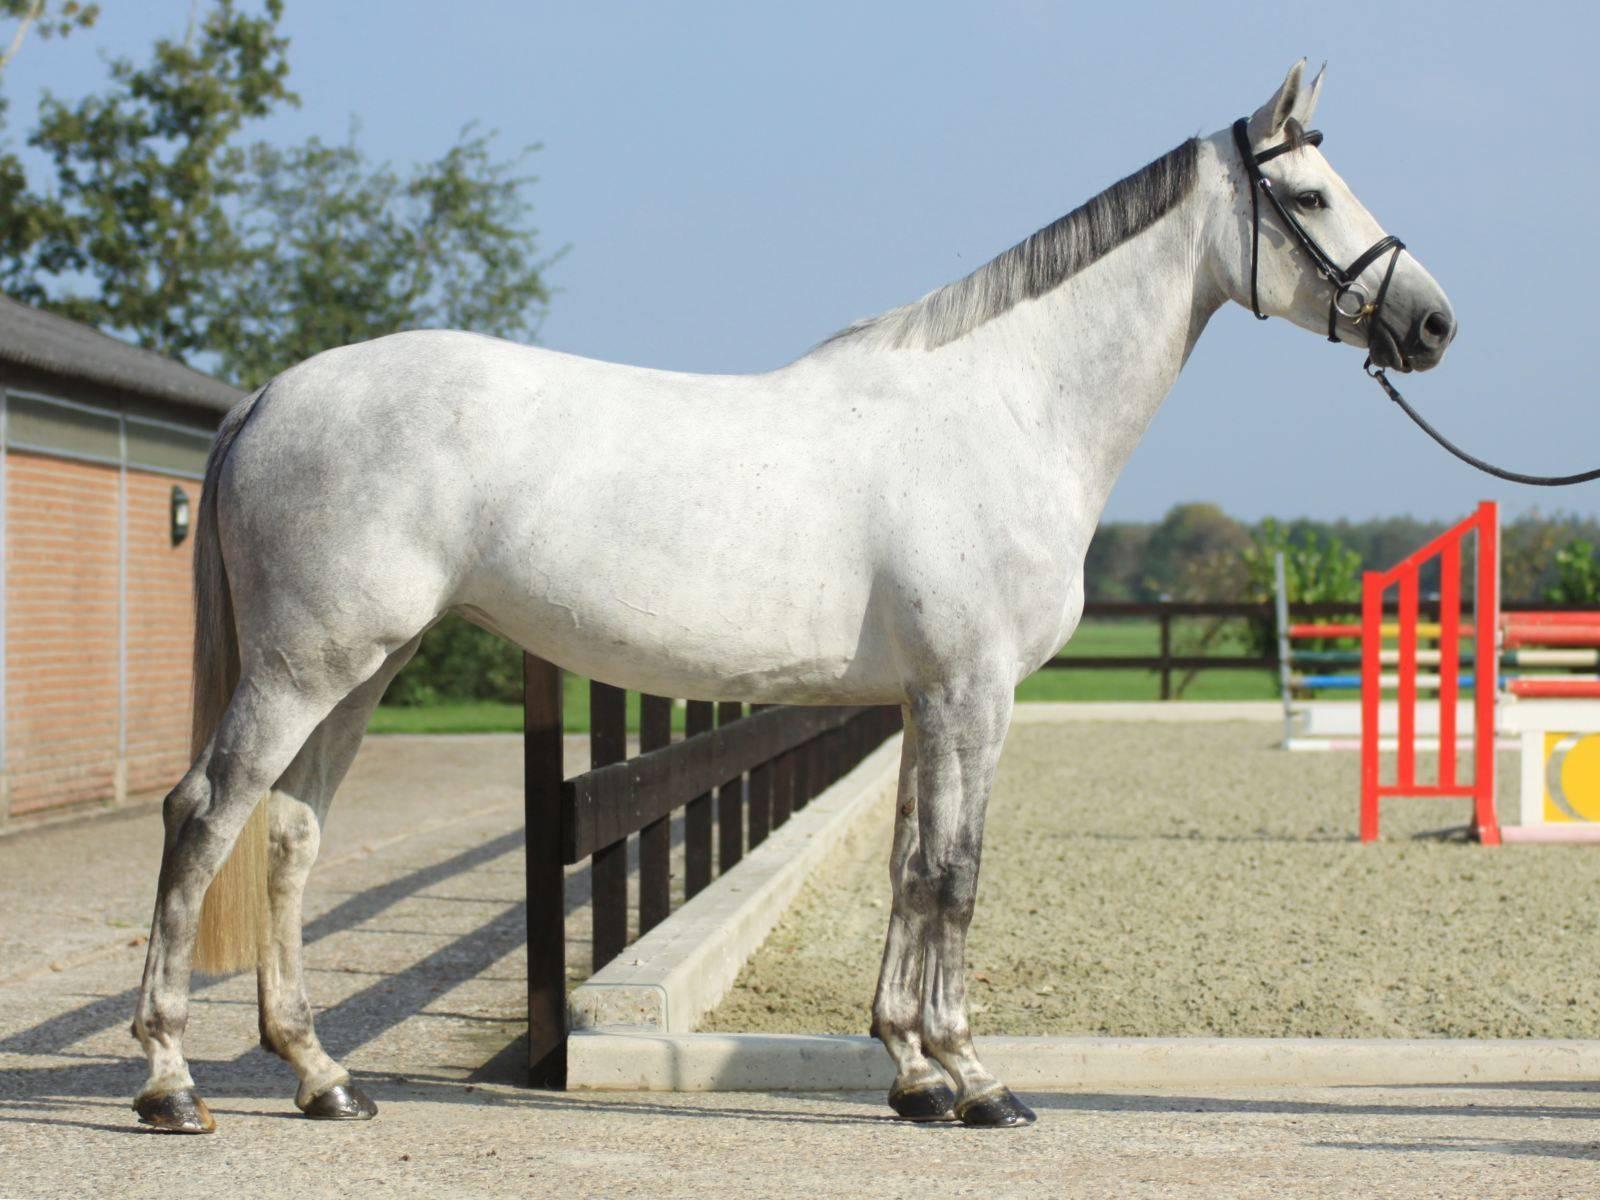 Jumping Horse for Sale UAE Dubai Qatar